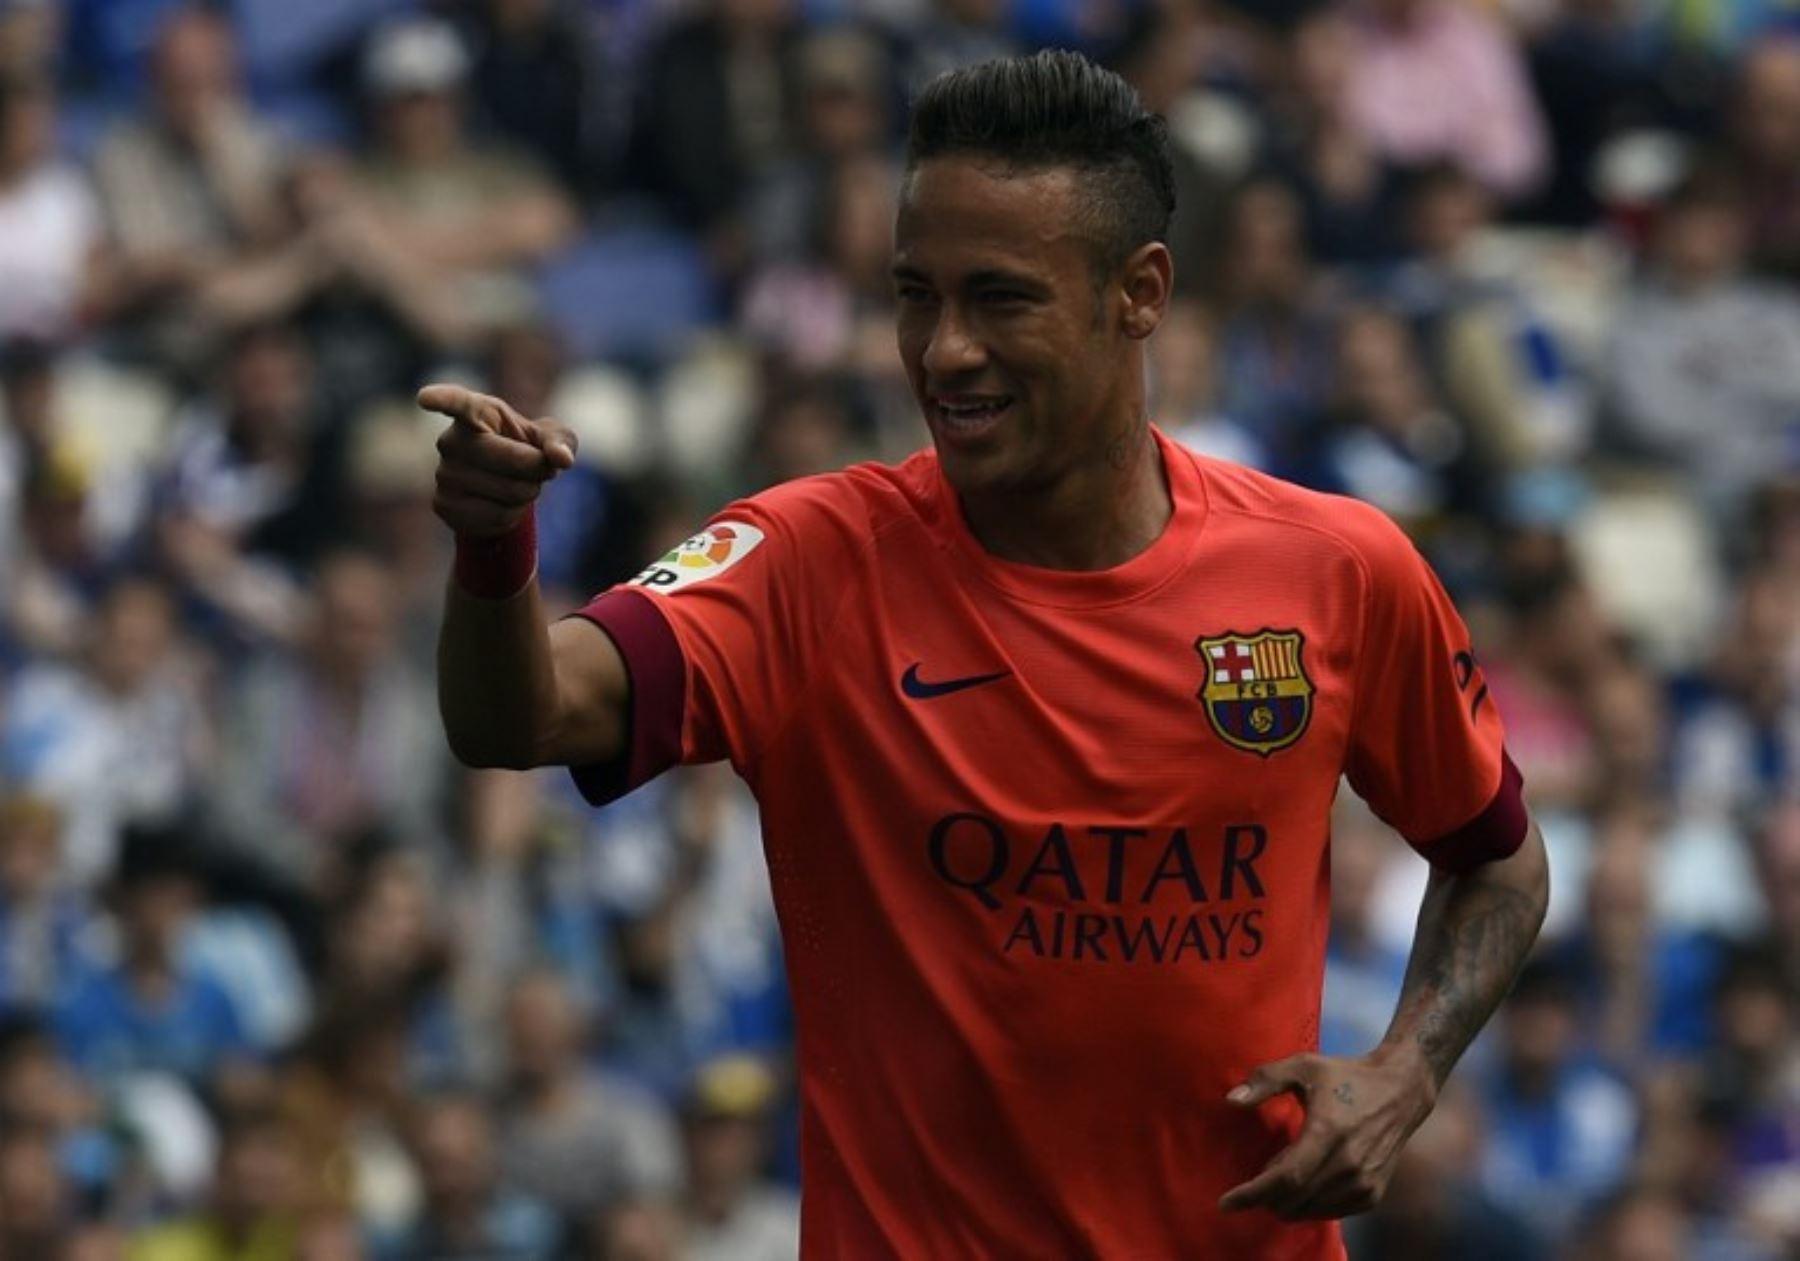 Barcelona venció 2-0 al Espanyol y consolida su liderato en la Liga española.Foto/AFP